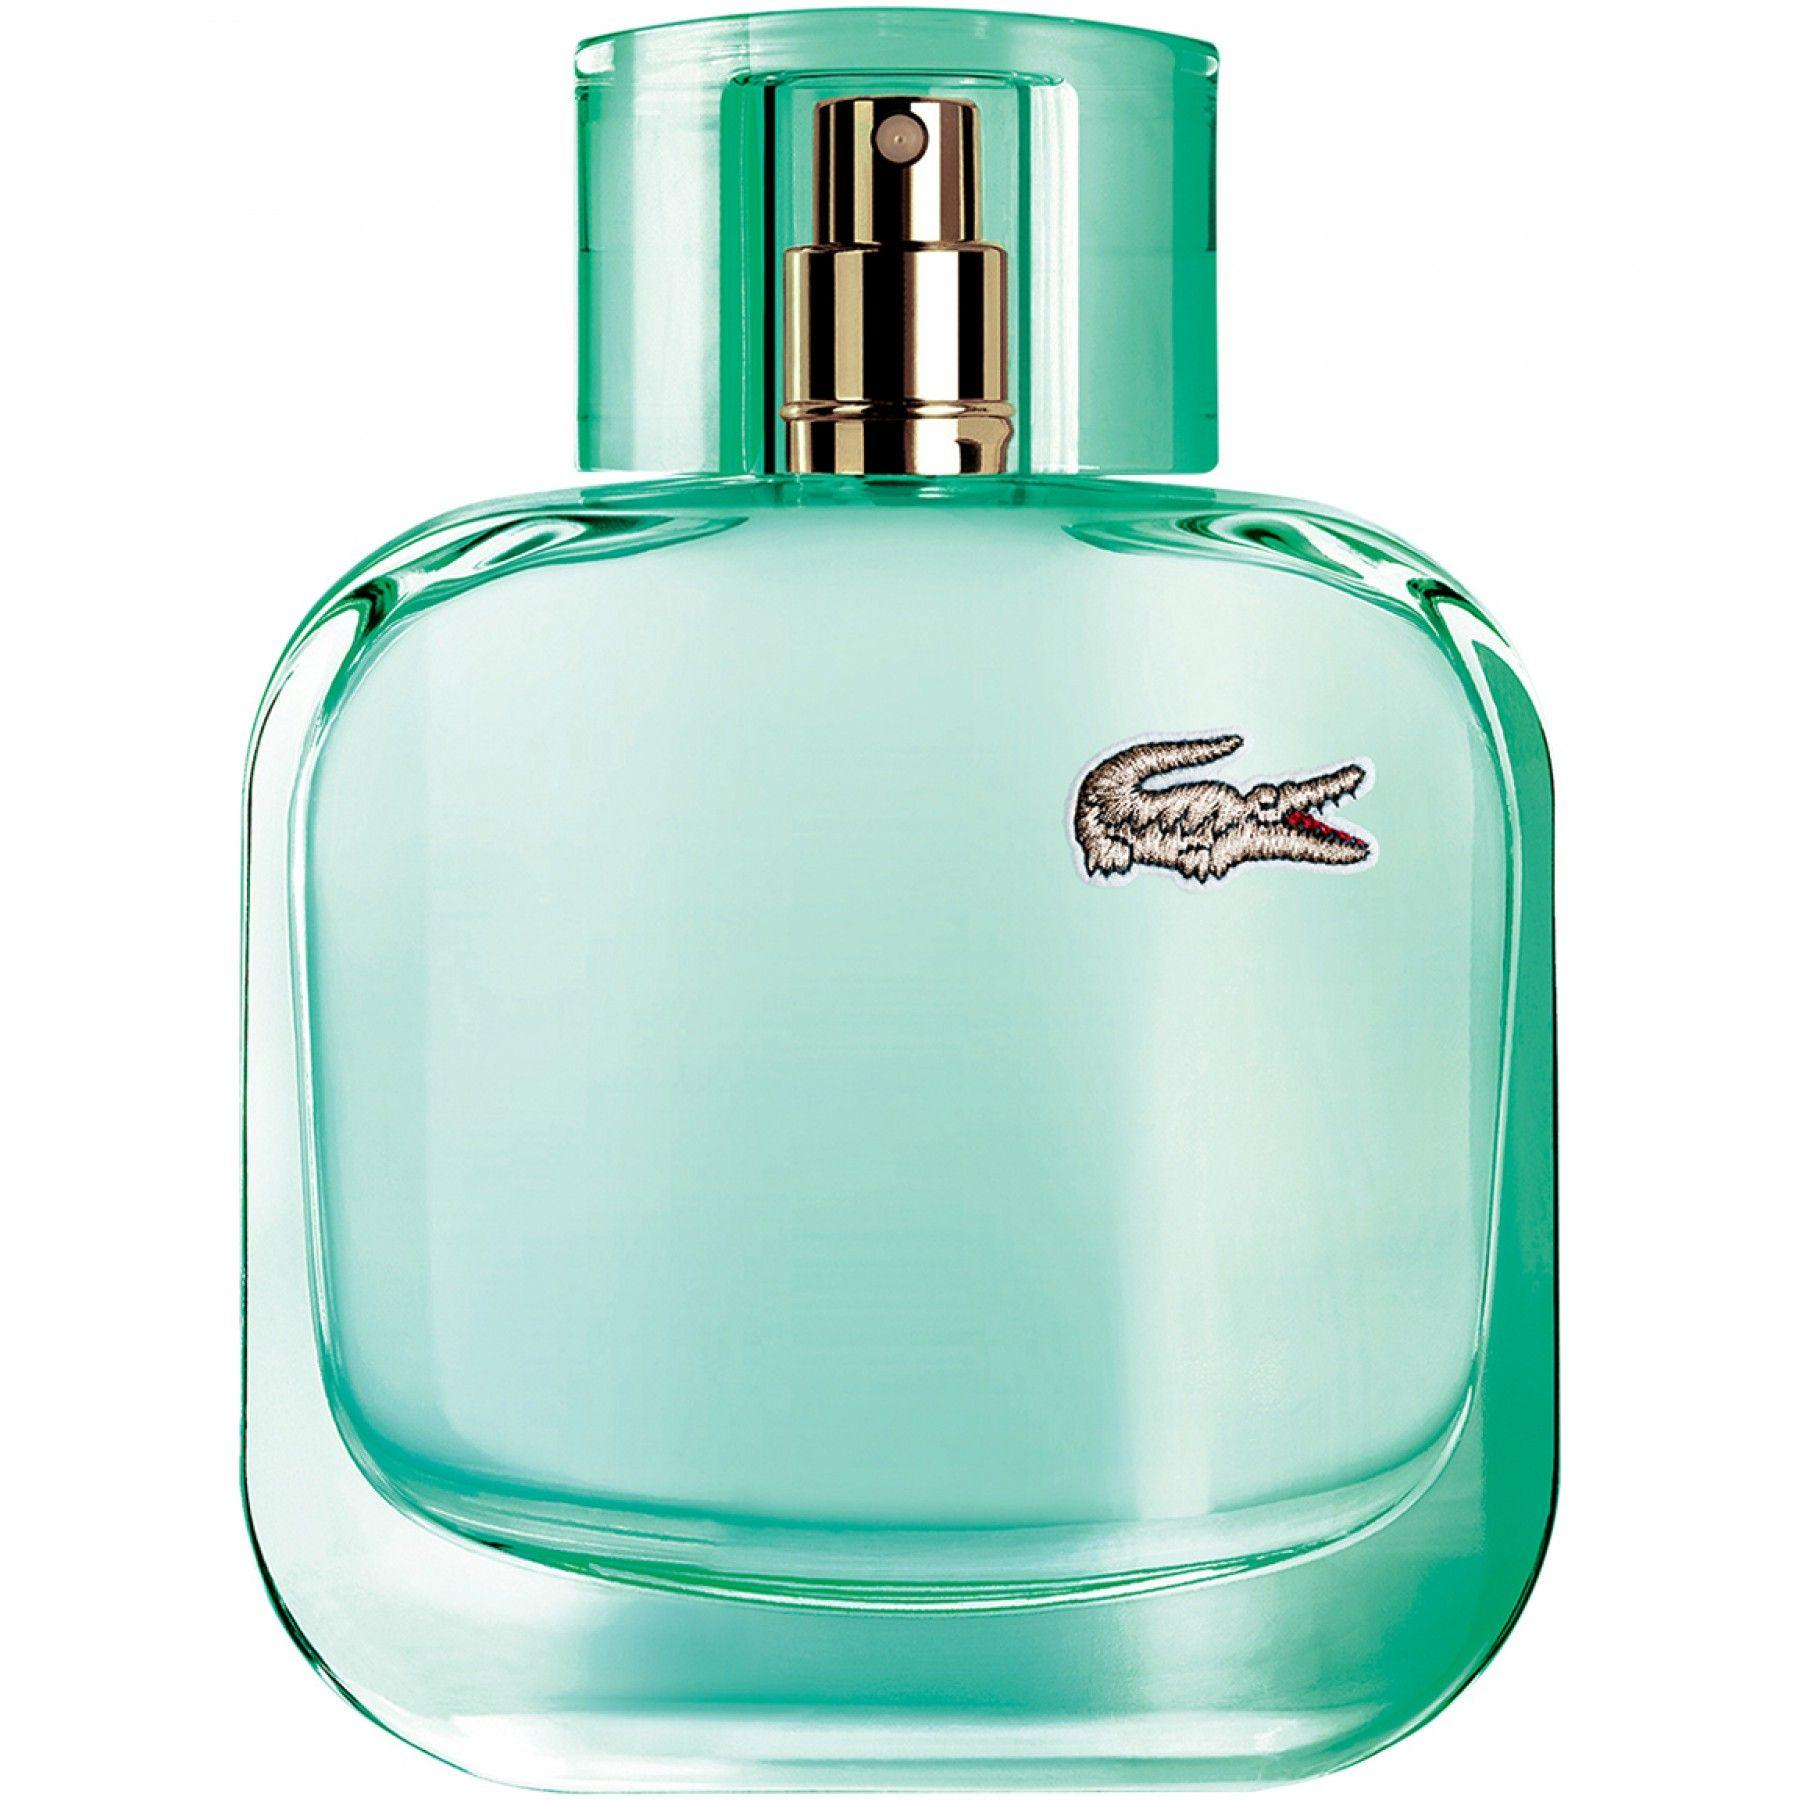 643563f78 Perfumes Hombre, El Mejor Perfume, Lociones, Fragancia, Tiendas, Mujer  Bonita,